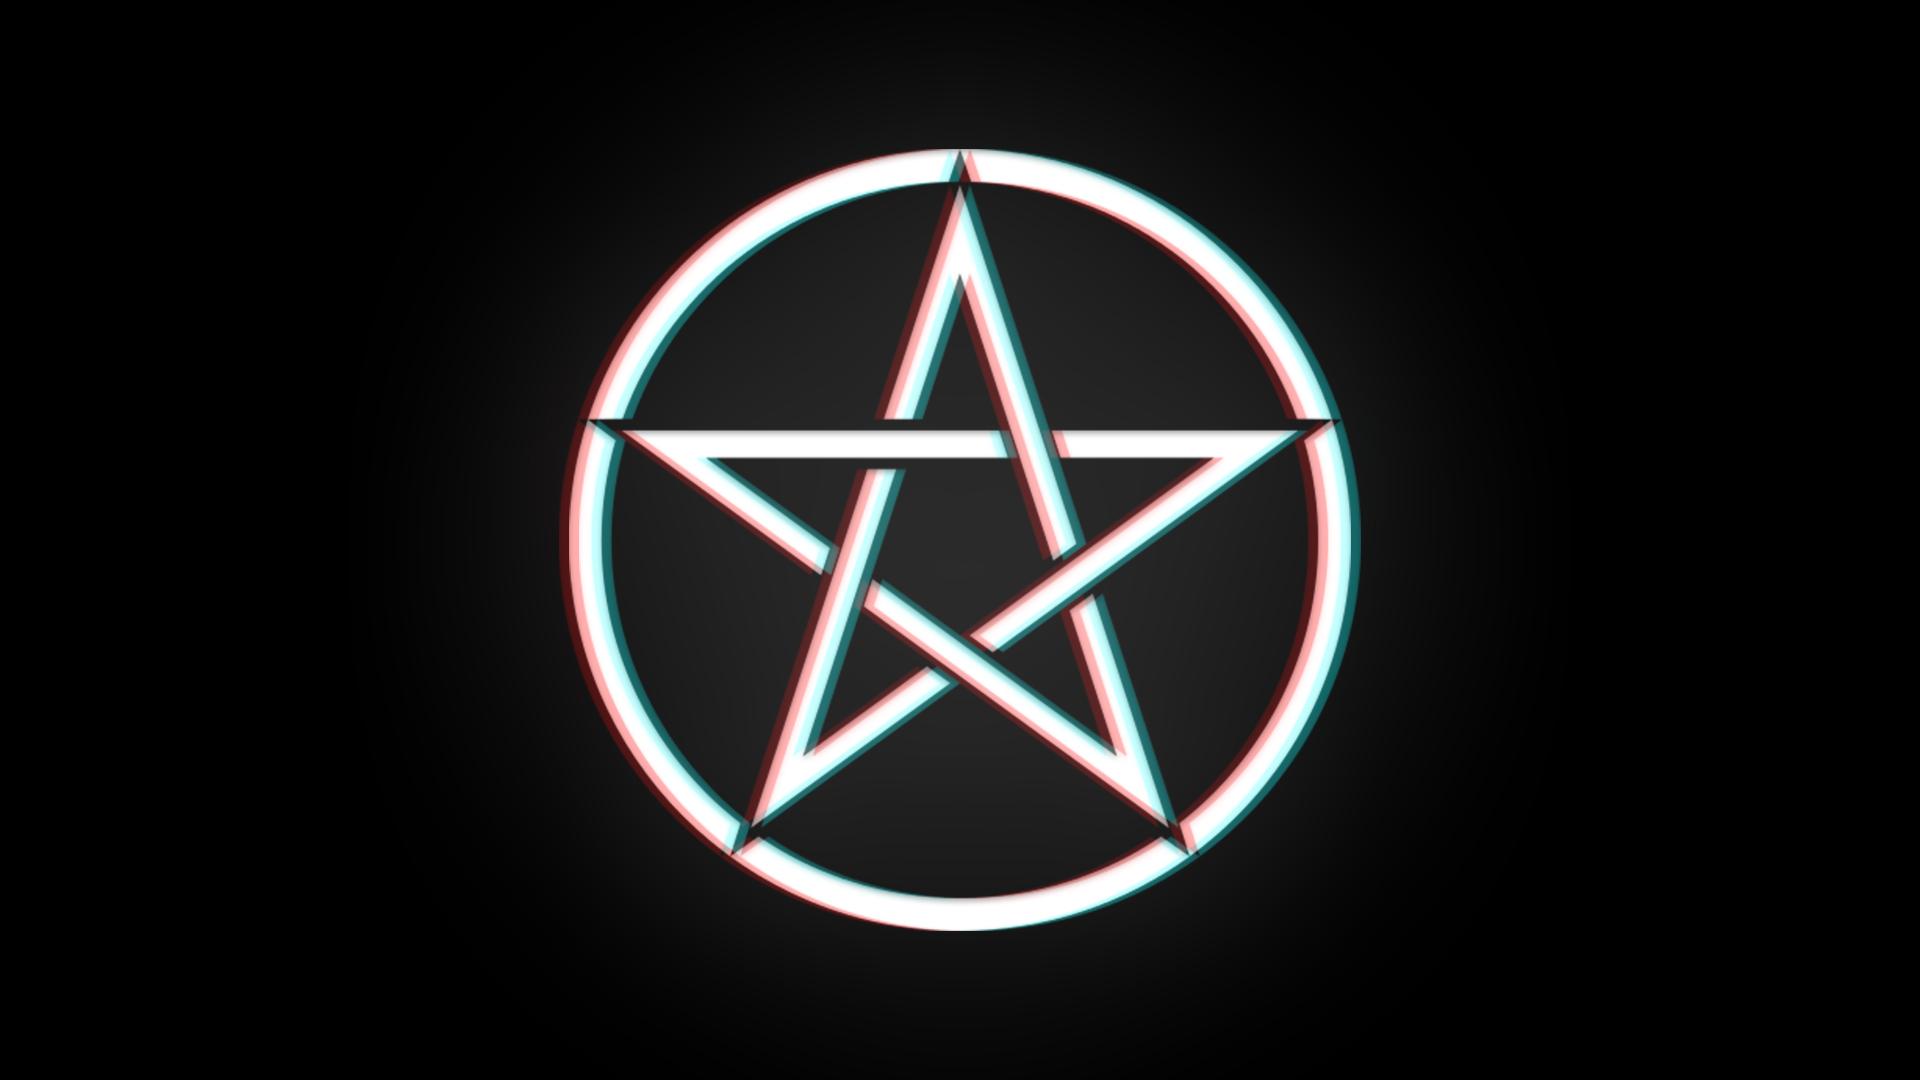 Pentagram Wallpaper 1920x1080 HD 3D Effect By Itssavy On